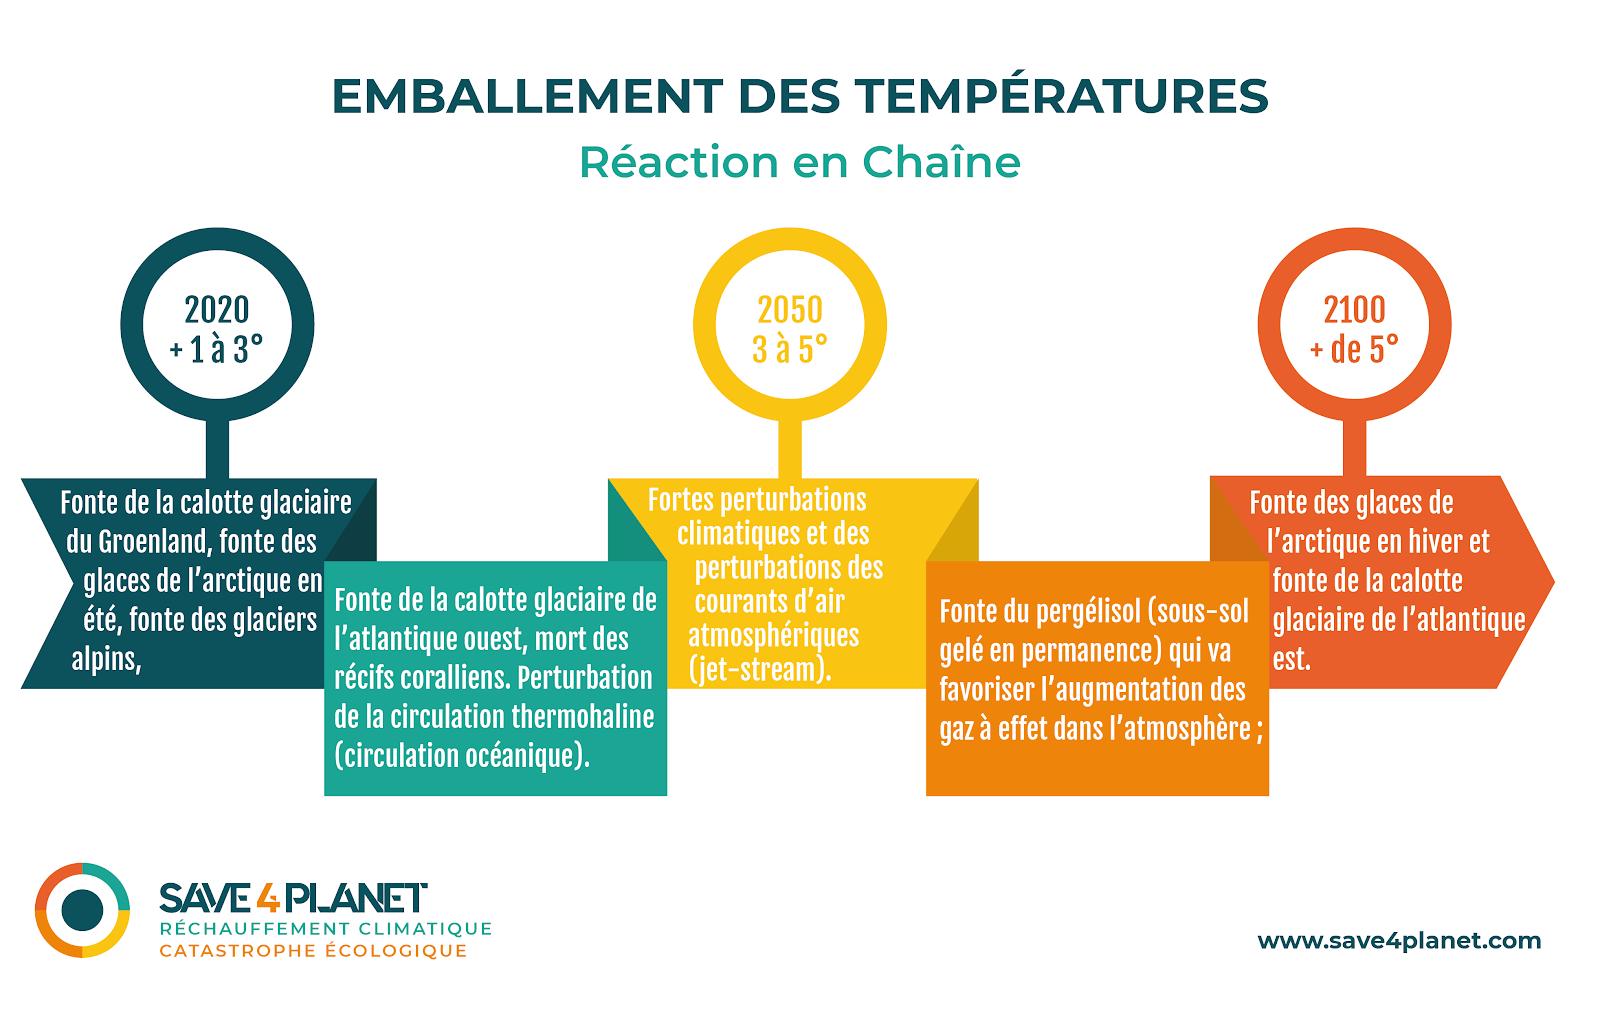 Illustration de l'emballement des temperatures et des reactions en chaine